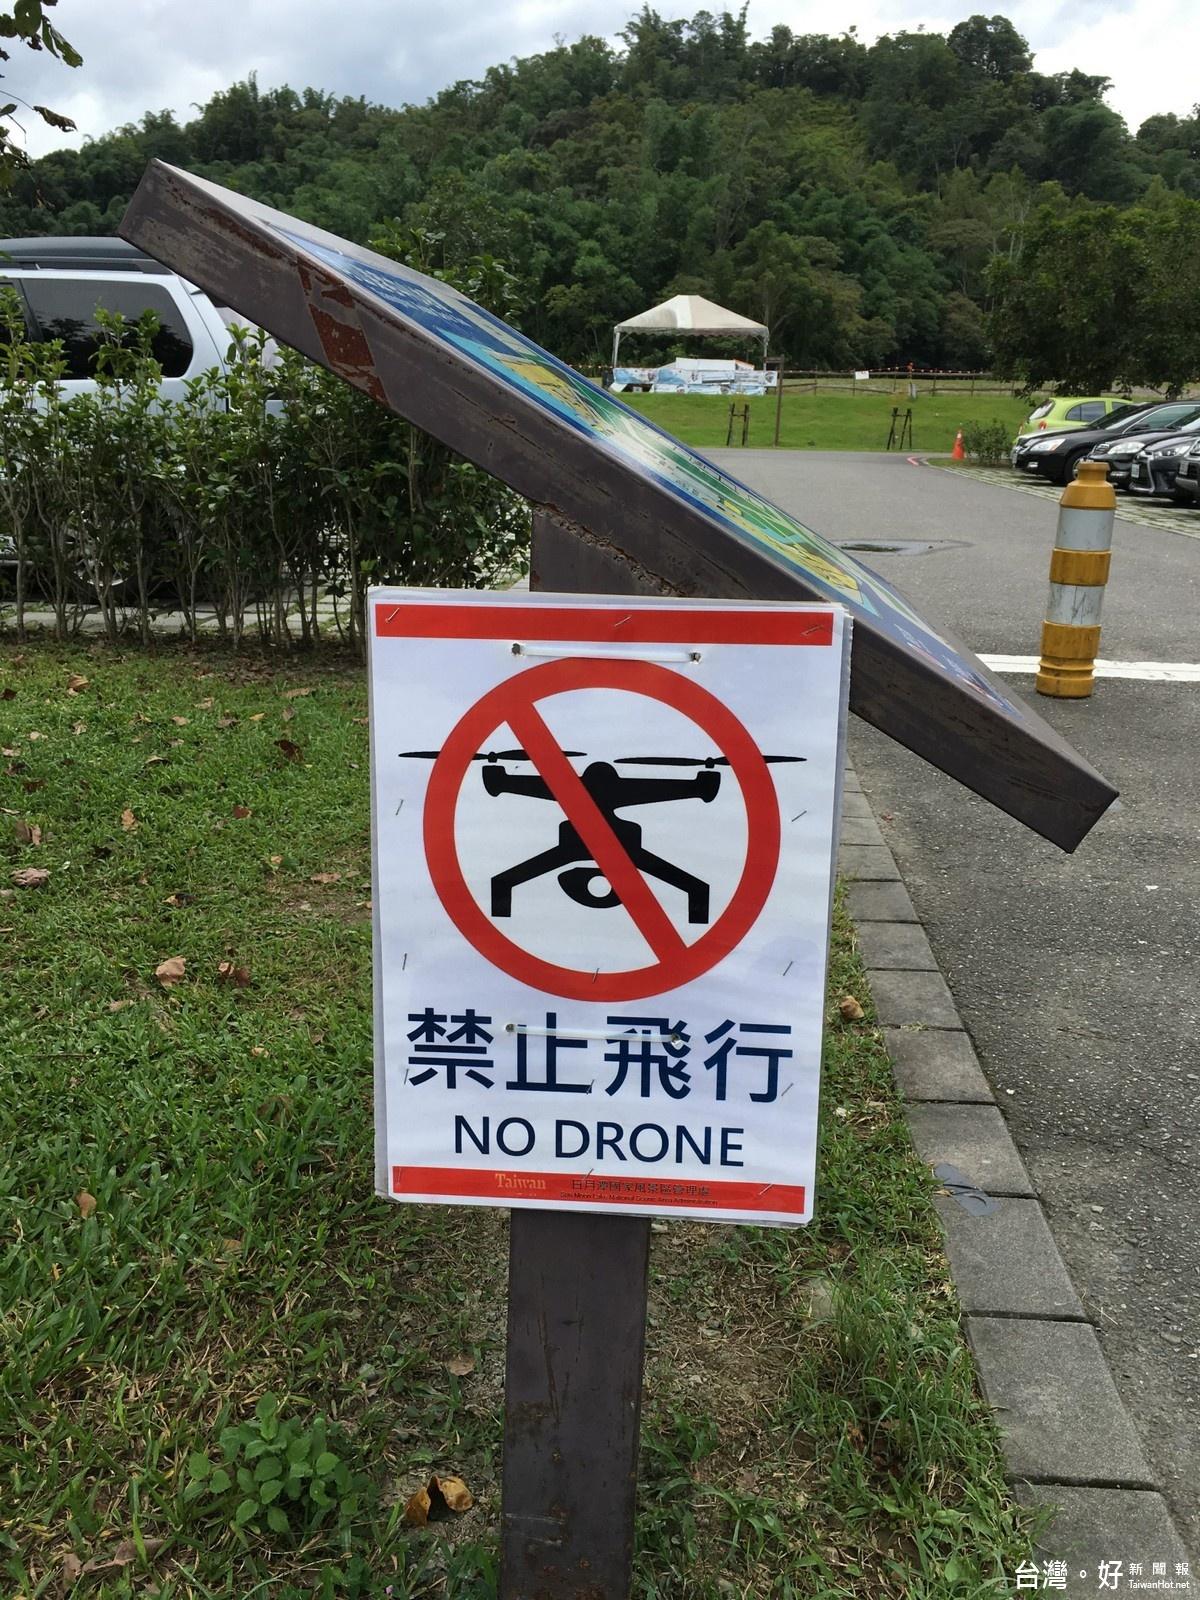 確保旅遊安全 日月潭操作遙控無人機需先申請